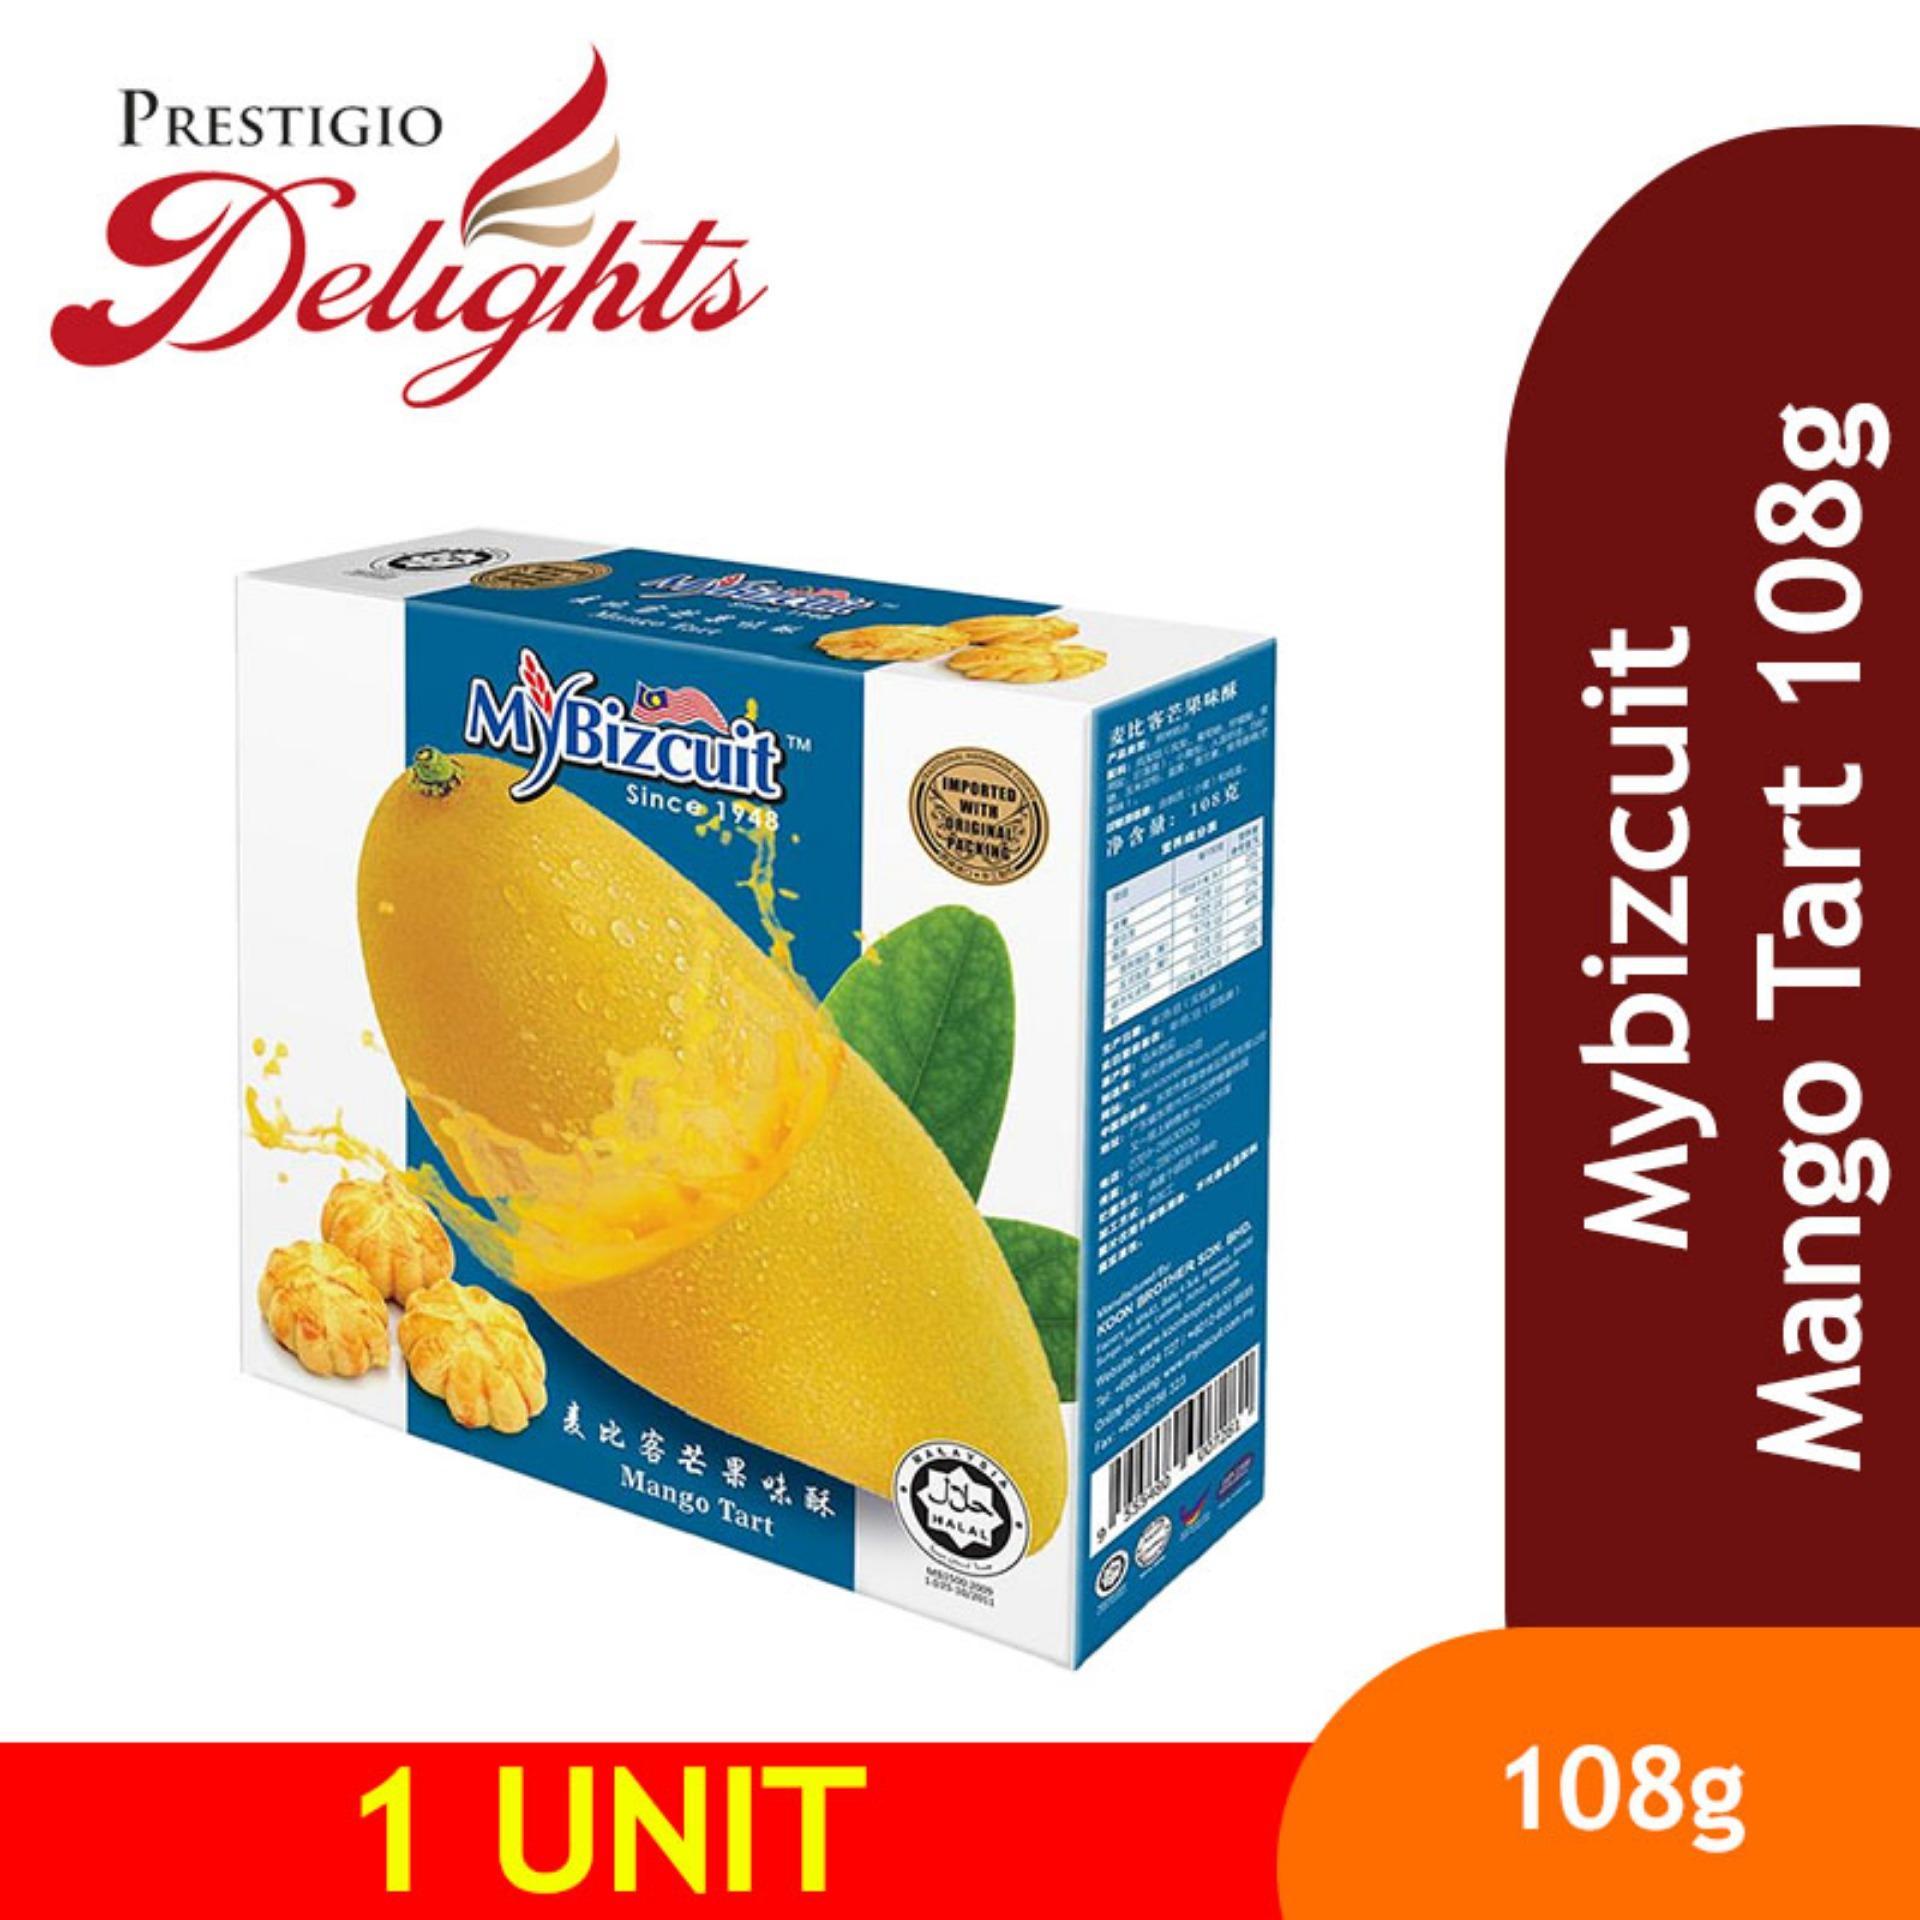 Mybizcuit Mango Tart 108g By Prestigio Delights.